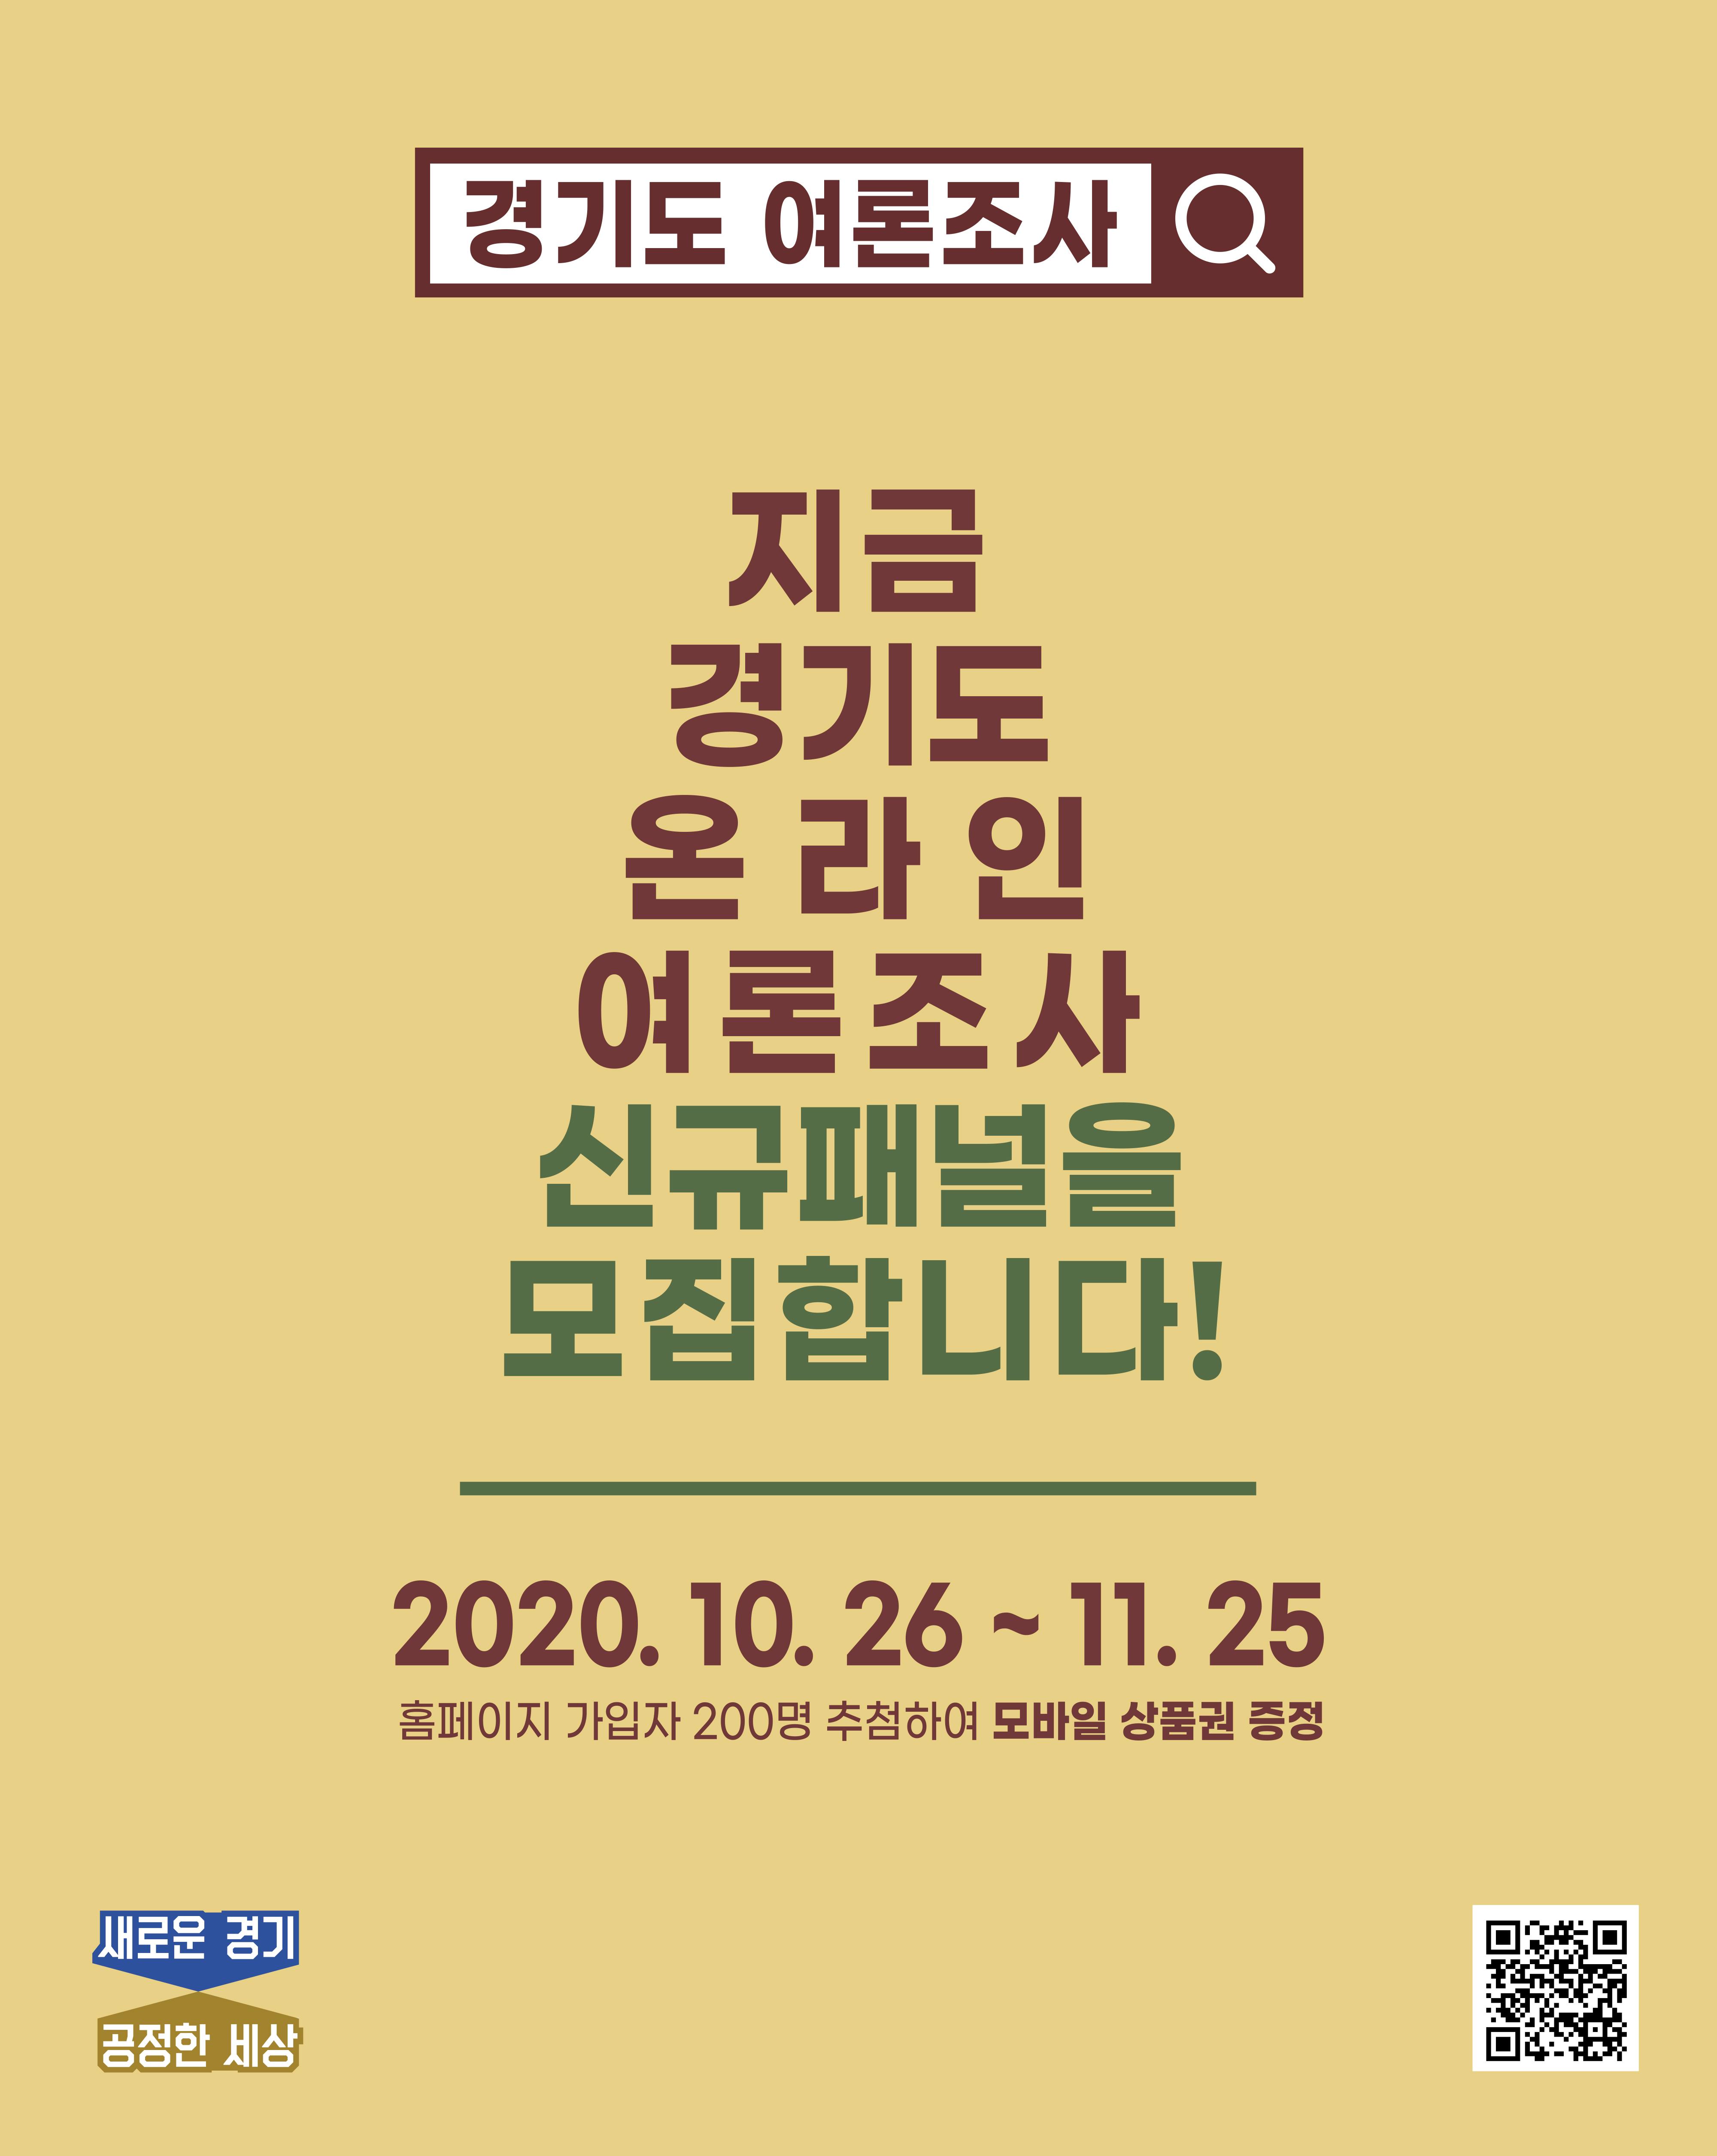 경기도 온라인 여론조사 신규패널 이벤트